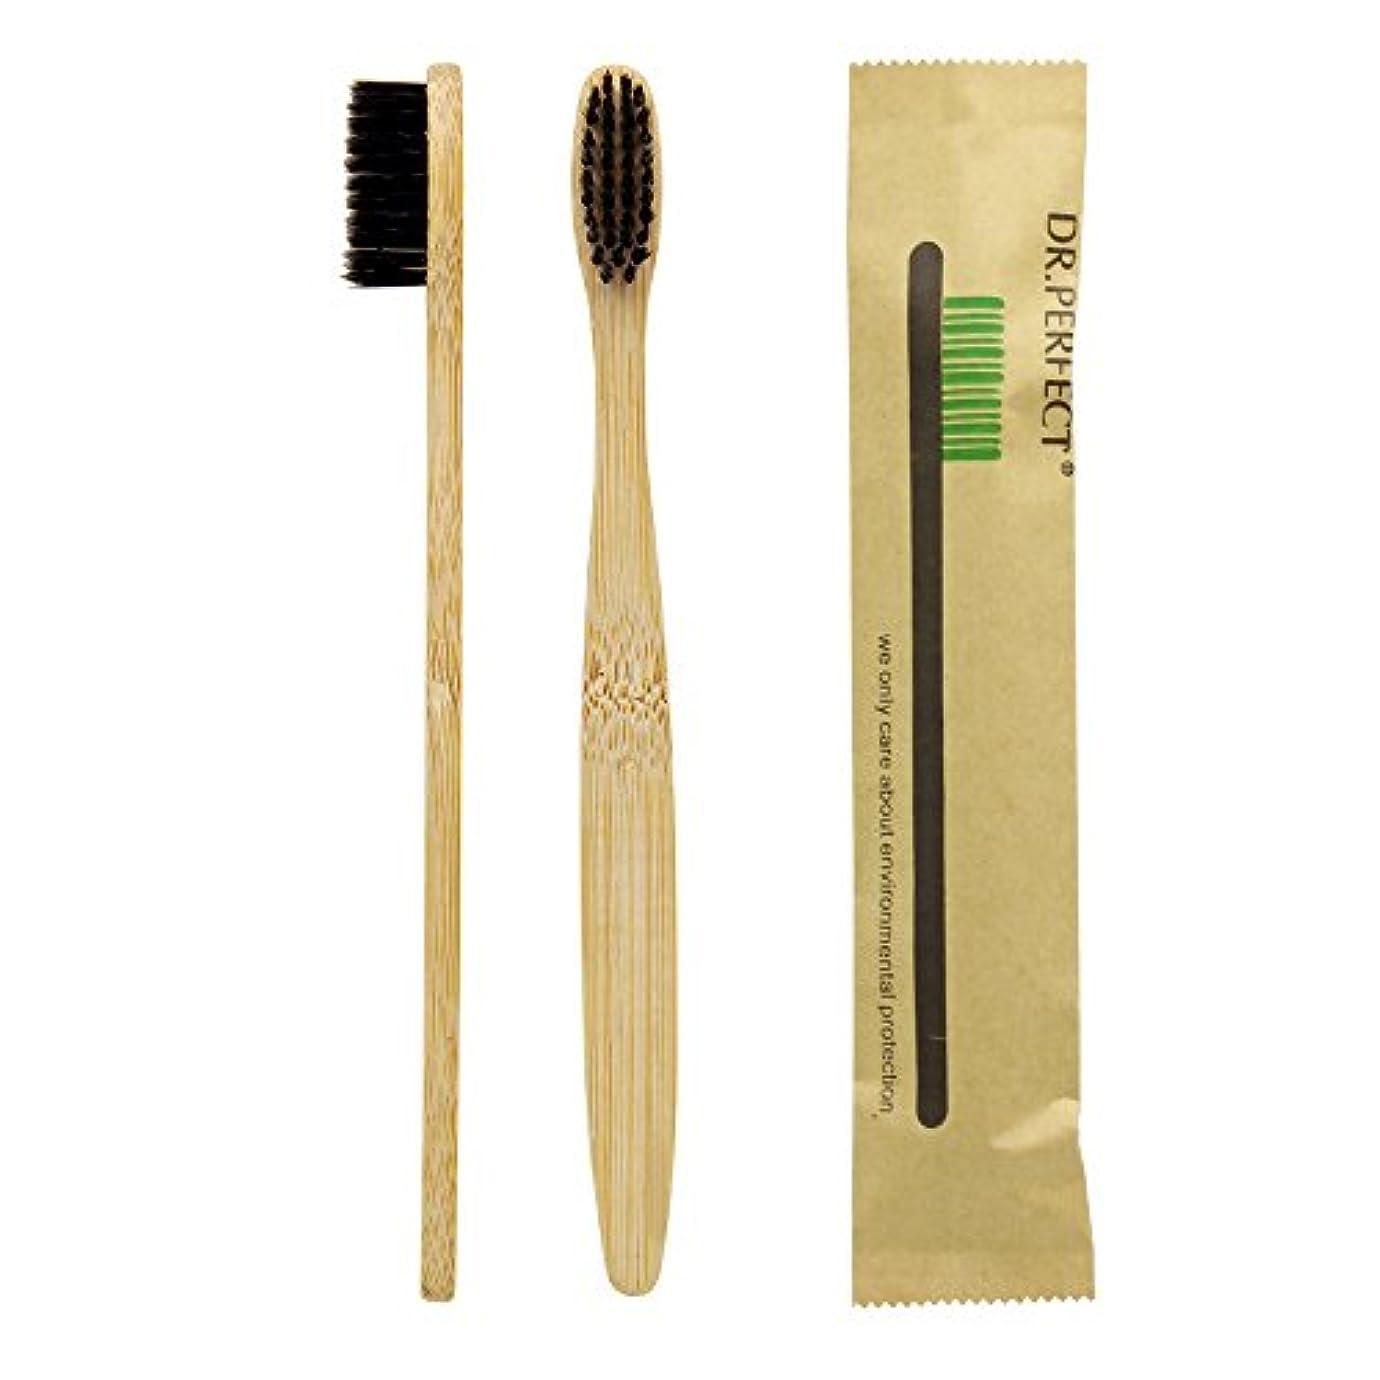 然とした誇りに思うハロウィンDr.Perfect 歯ブラシ 竹歯ブラシアダルト竹の歯ブラシ ナイロン毛 環境保護の歯ブラシ (ブラック)